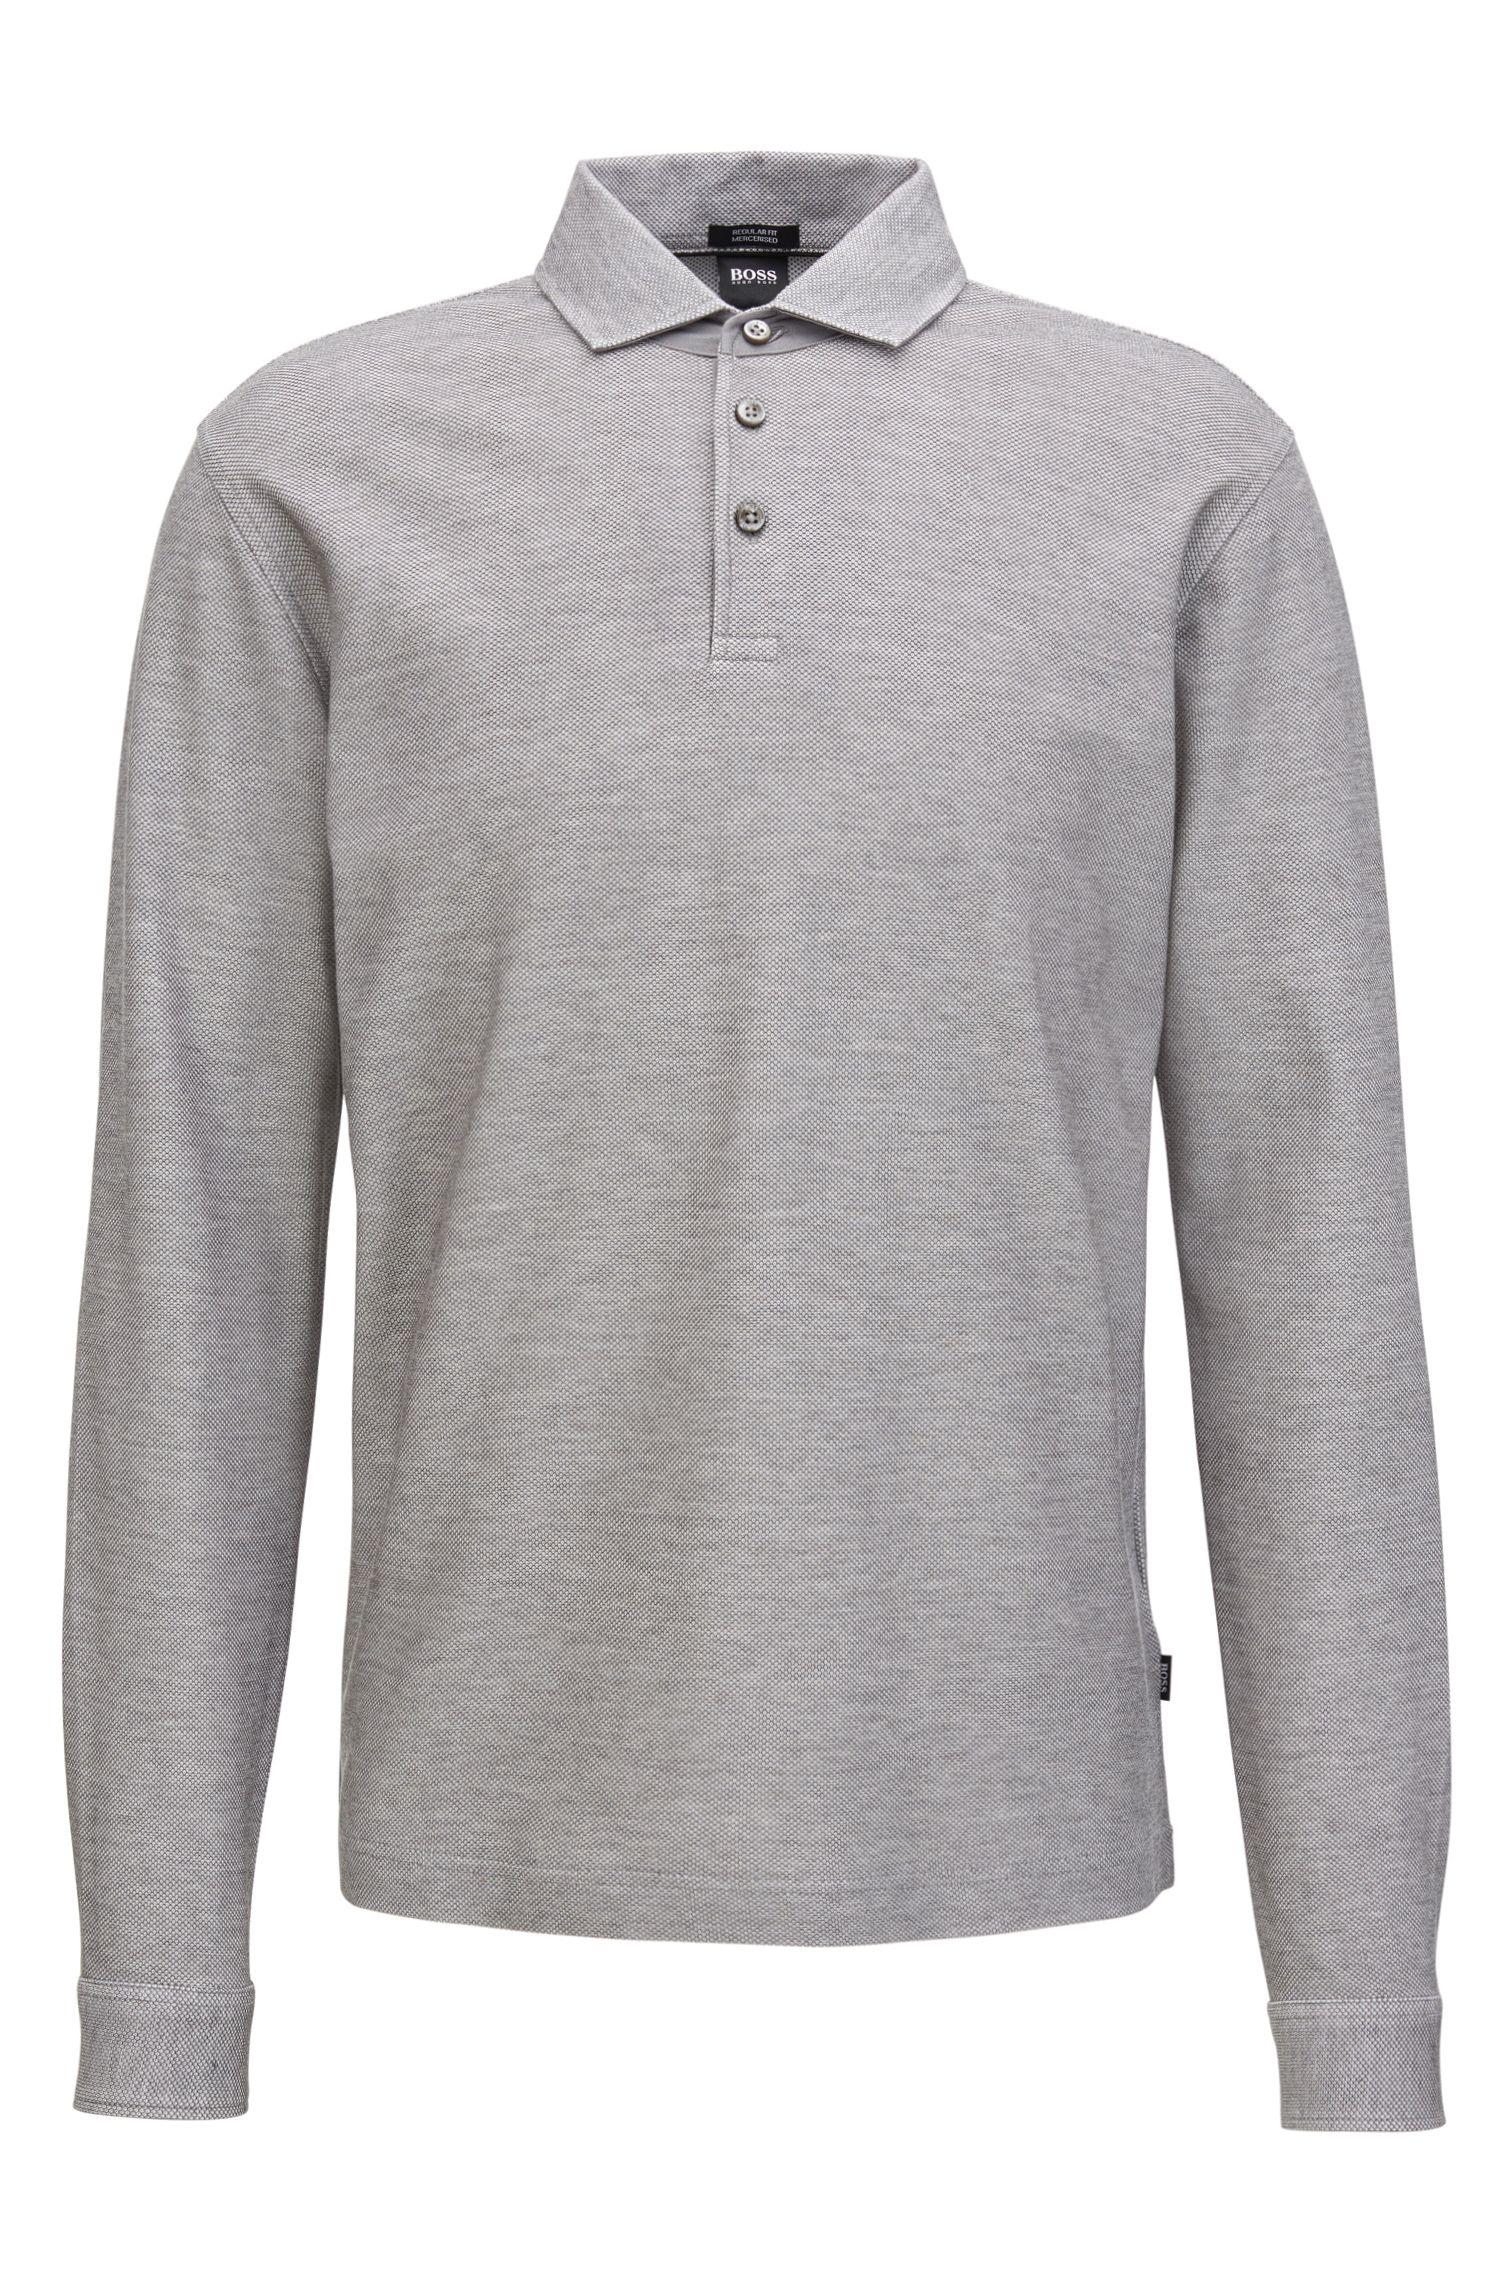 Langärmeliges Poloshirt aus merzerisierter Baumwolle